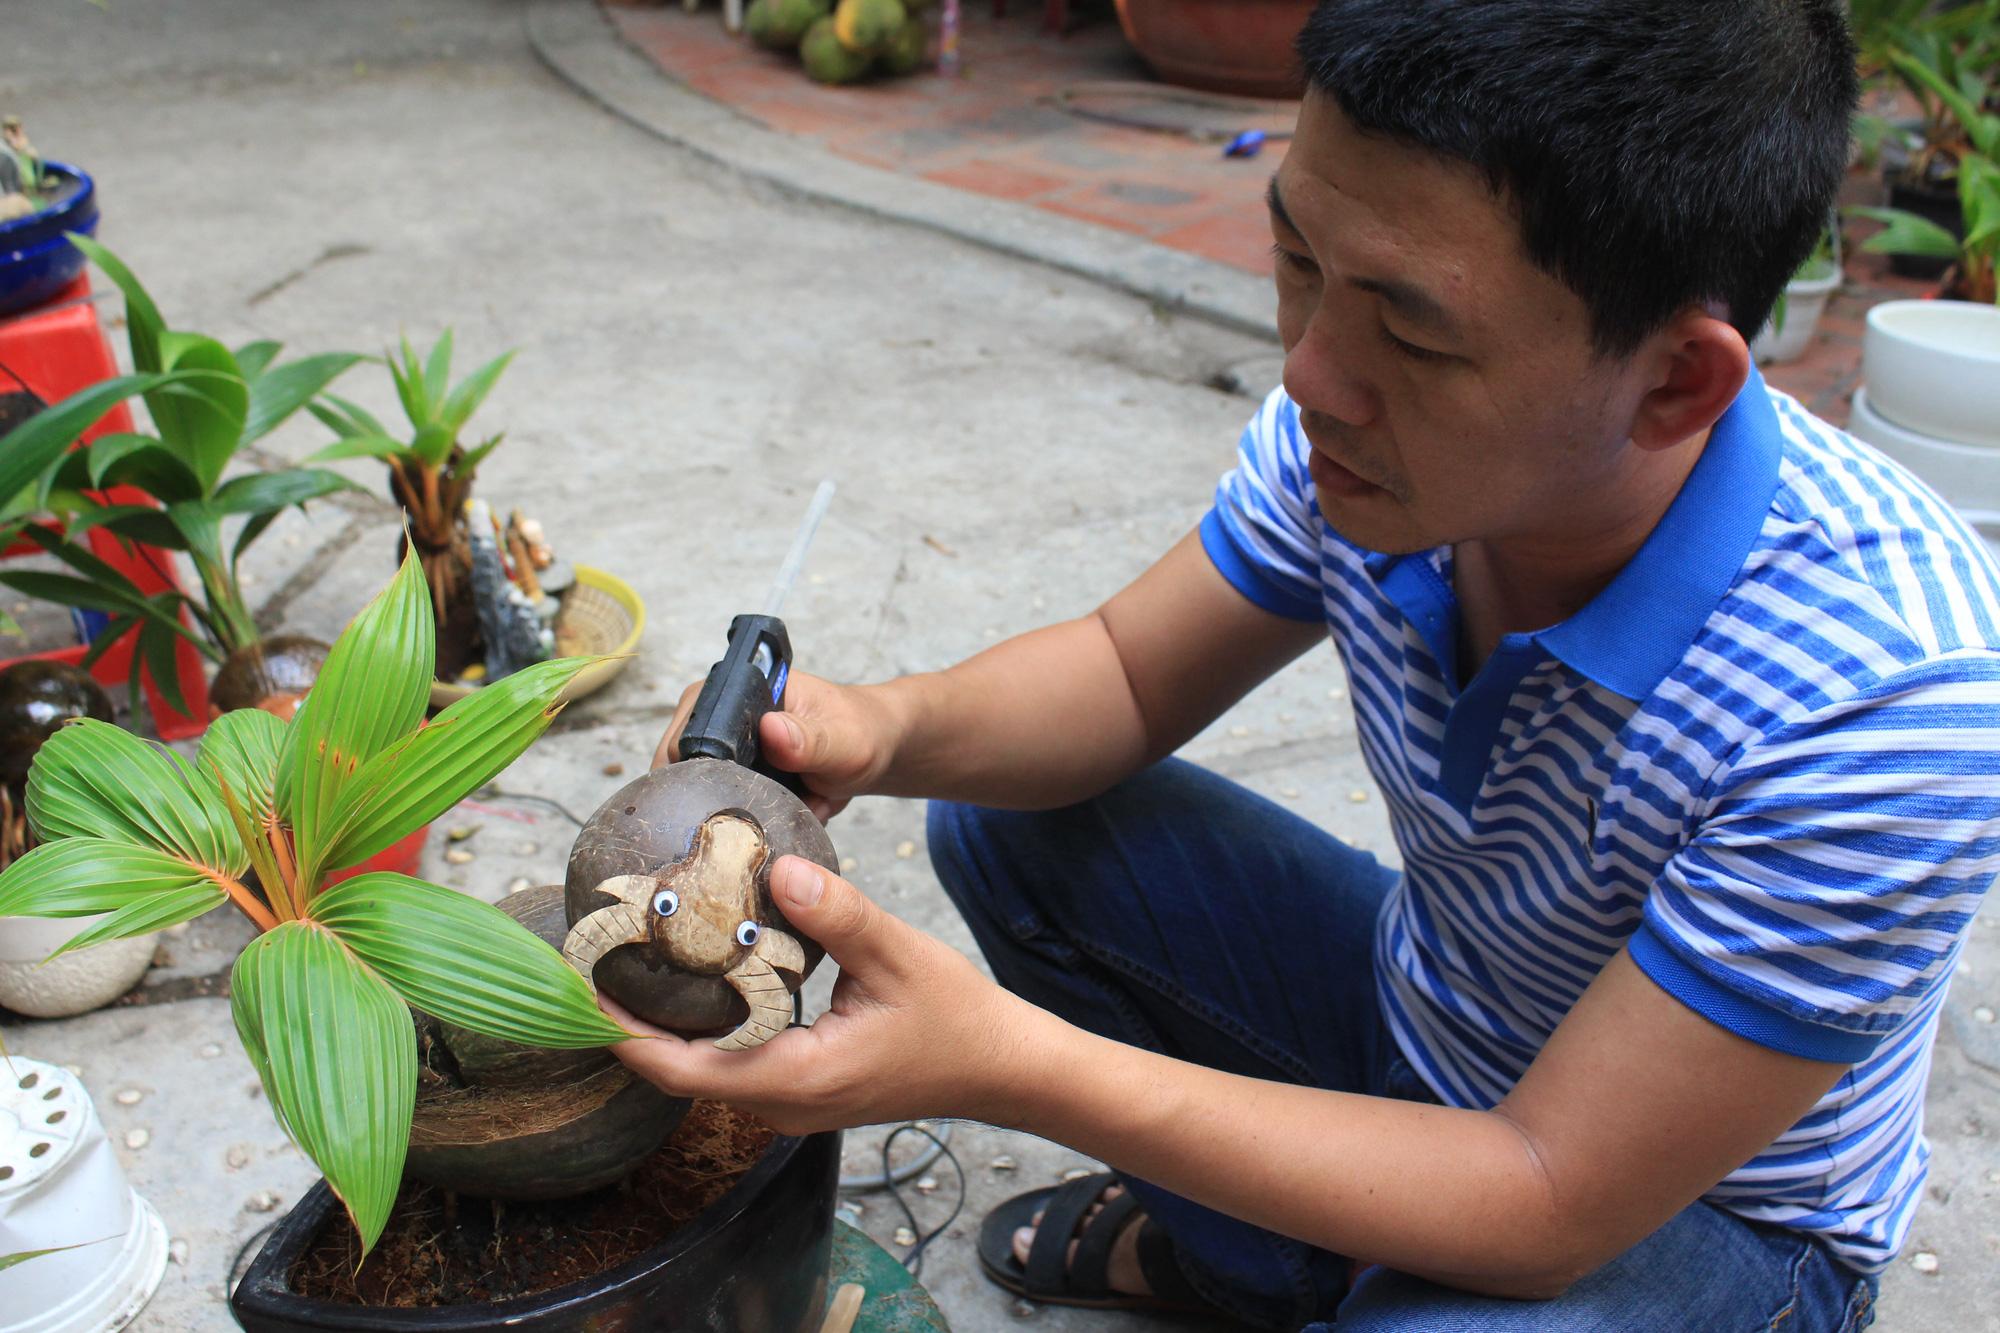 Độc đáo dừa khô bonsai hình trâu chơi Tết tiền triệu ở Sài Gòn - Ảnh 7.